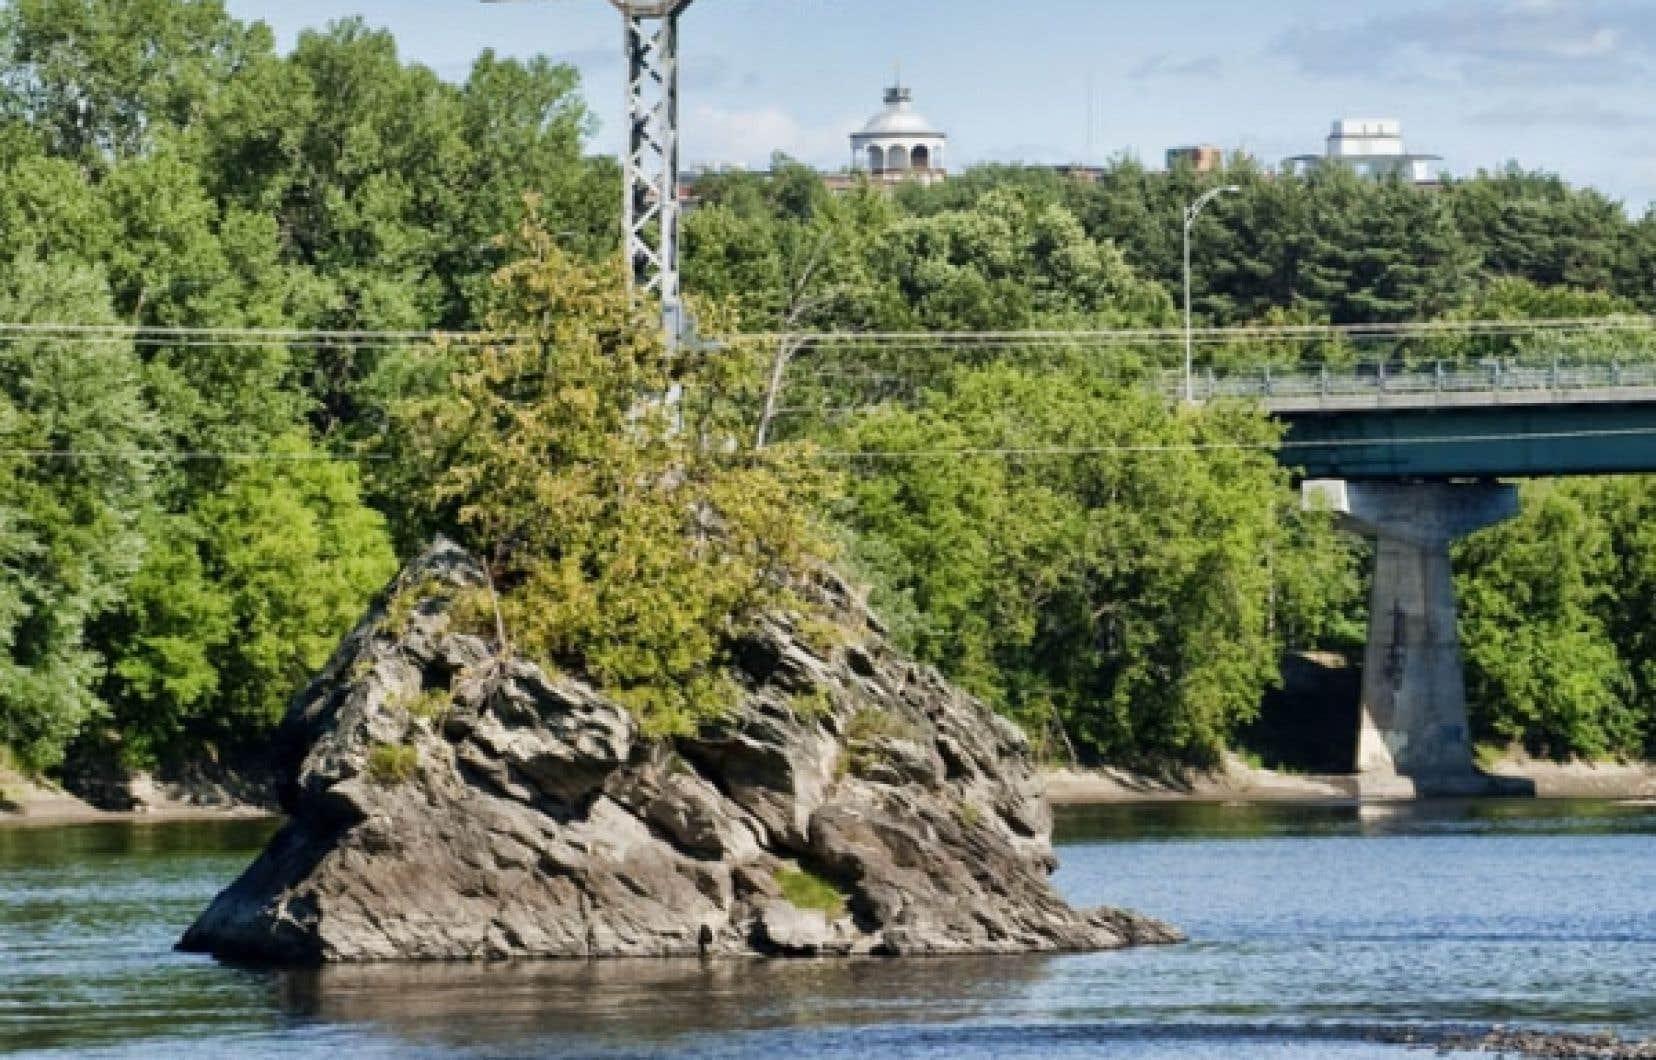 Le Rocher du Pin Solitaire, maintenant appelé Mena'sen, au milieu de la rivière Saint-François, au cœur de la ville de Sherbrooke.<br />